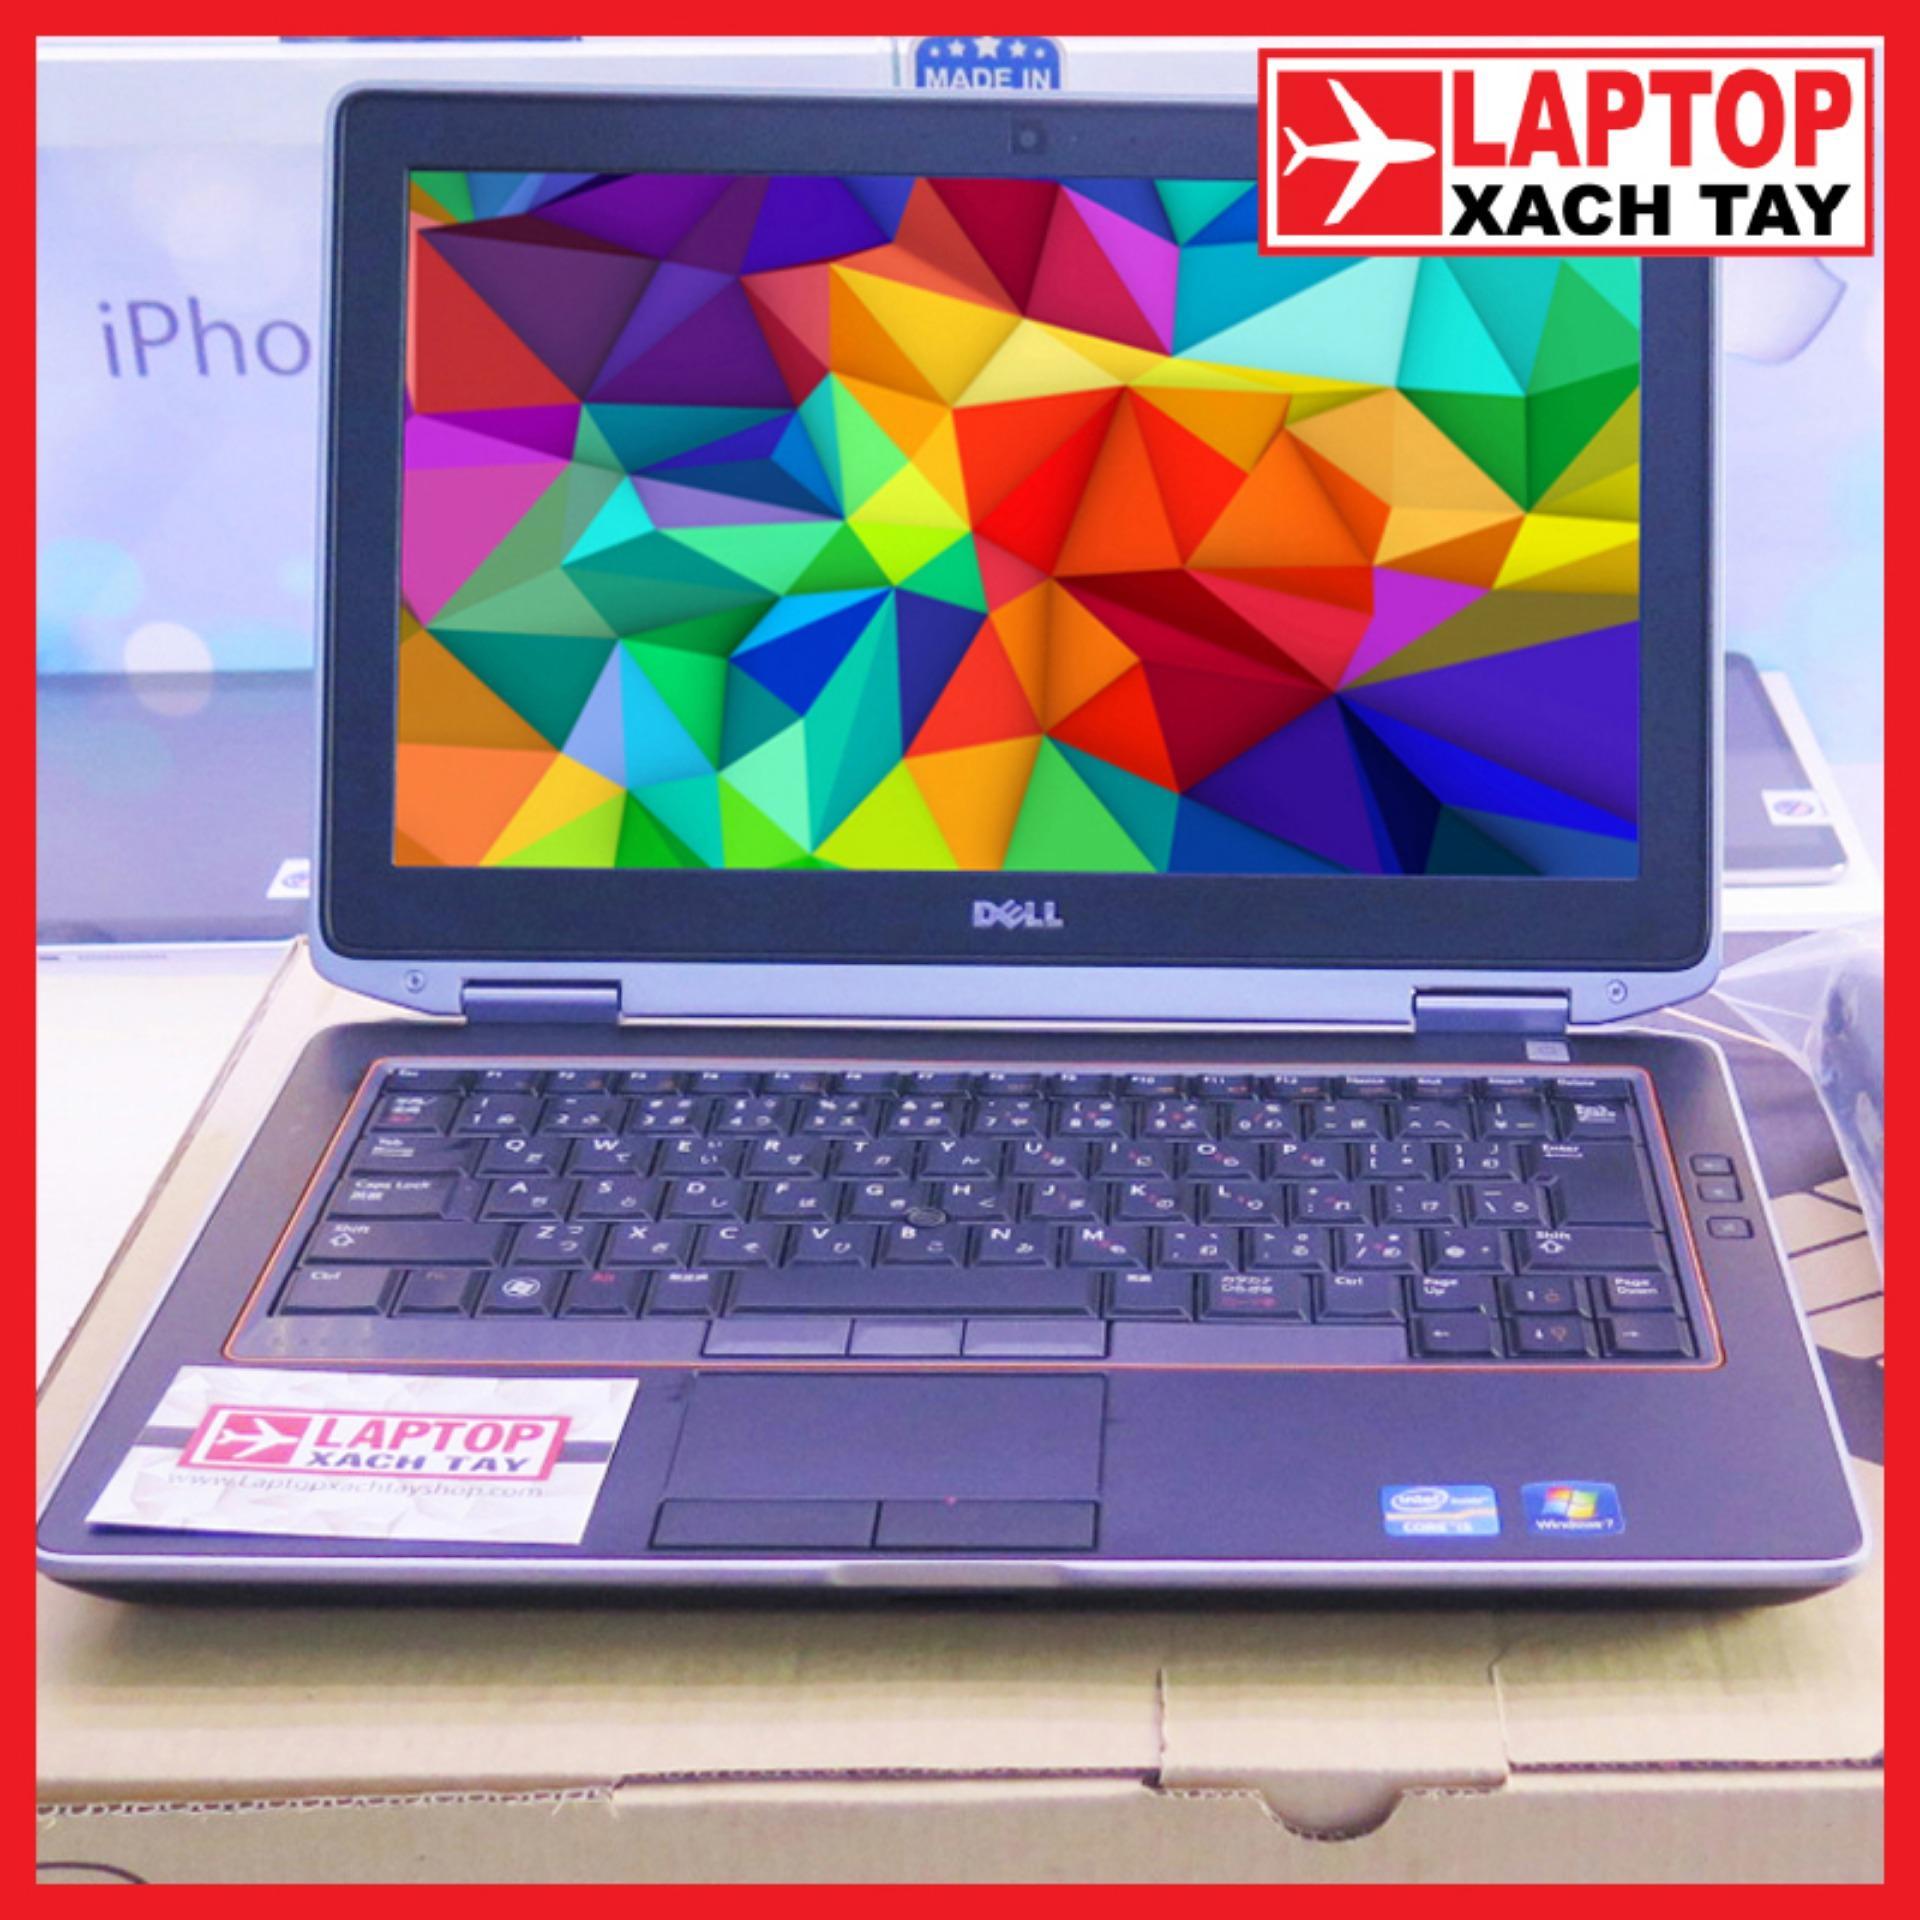 Laptop Dell Latitude E6320 i7/4/500 - Laptopxachtayshop